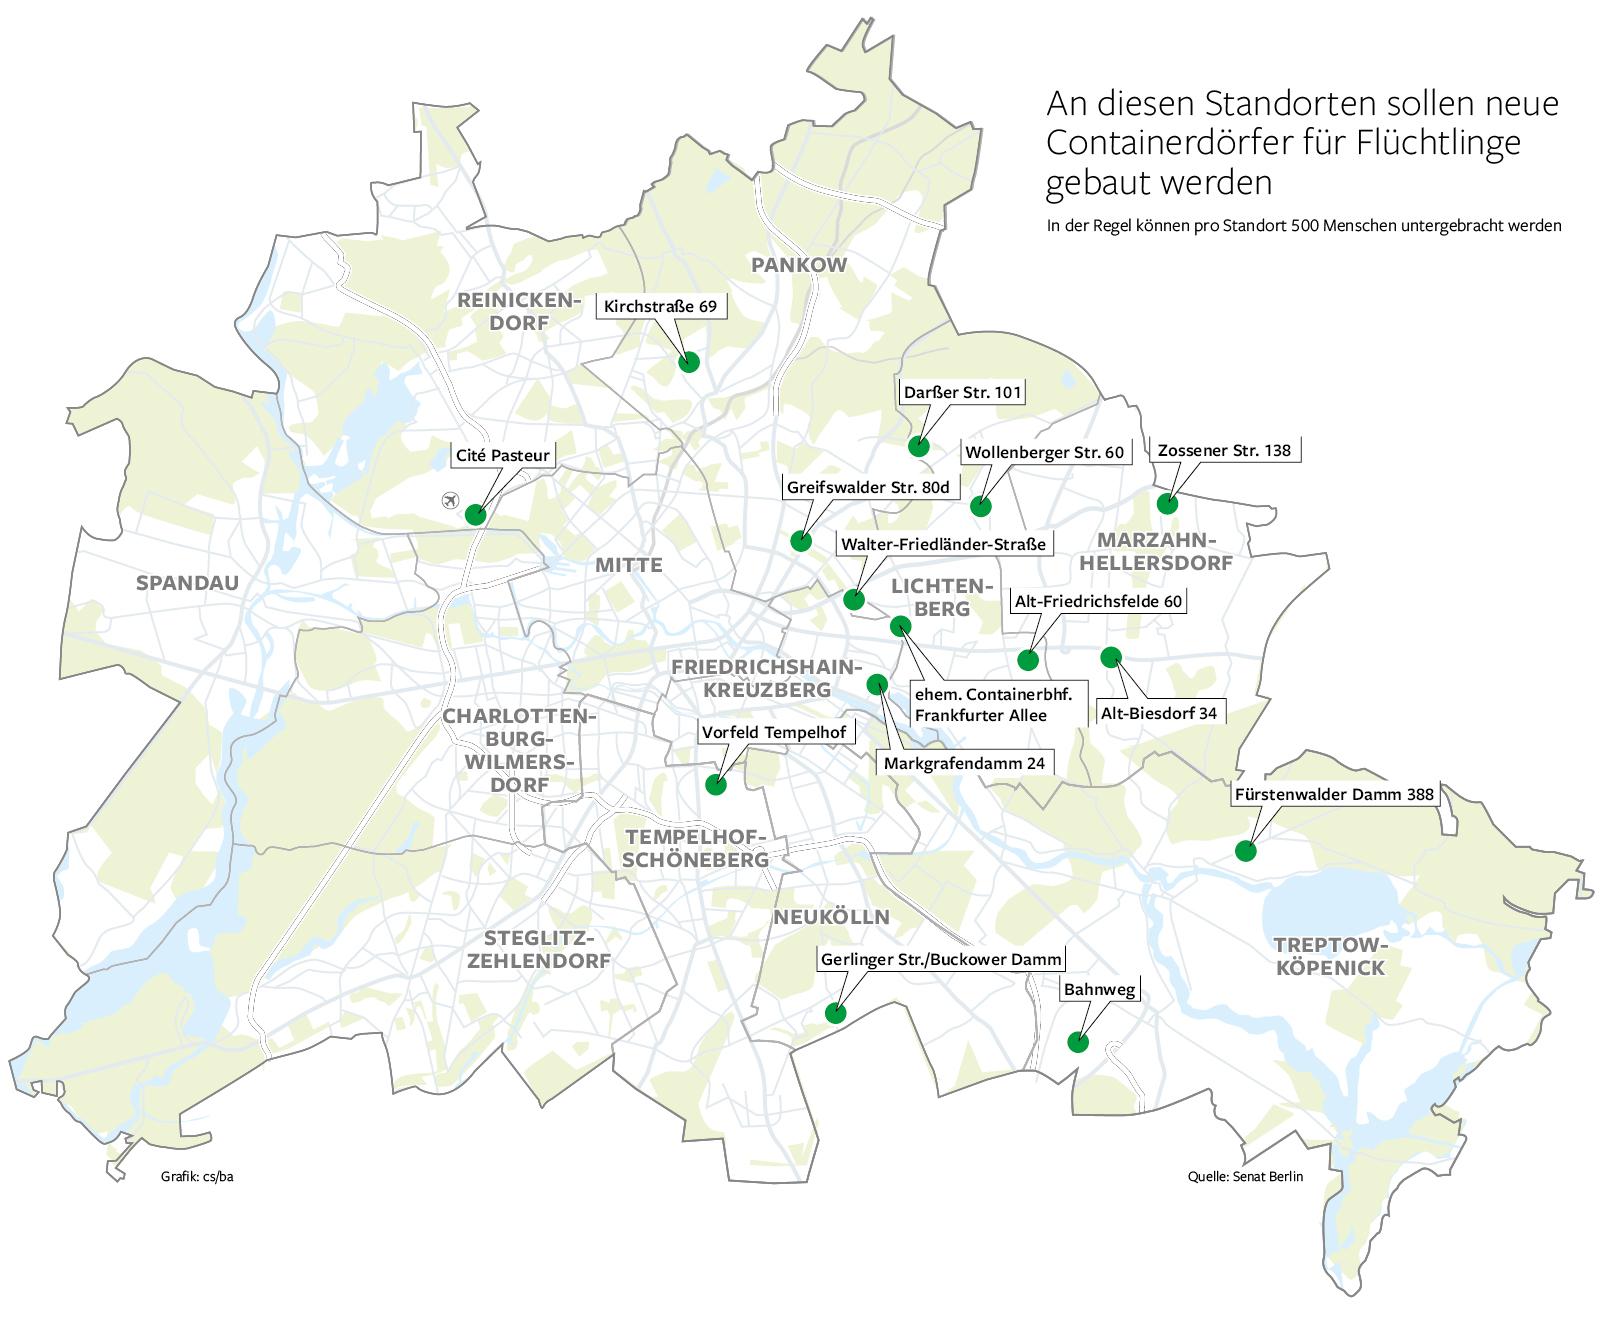 Standorte für Containerdörfer